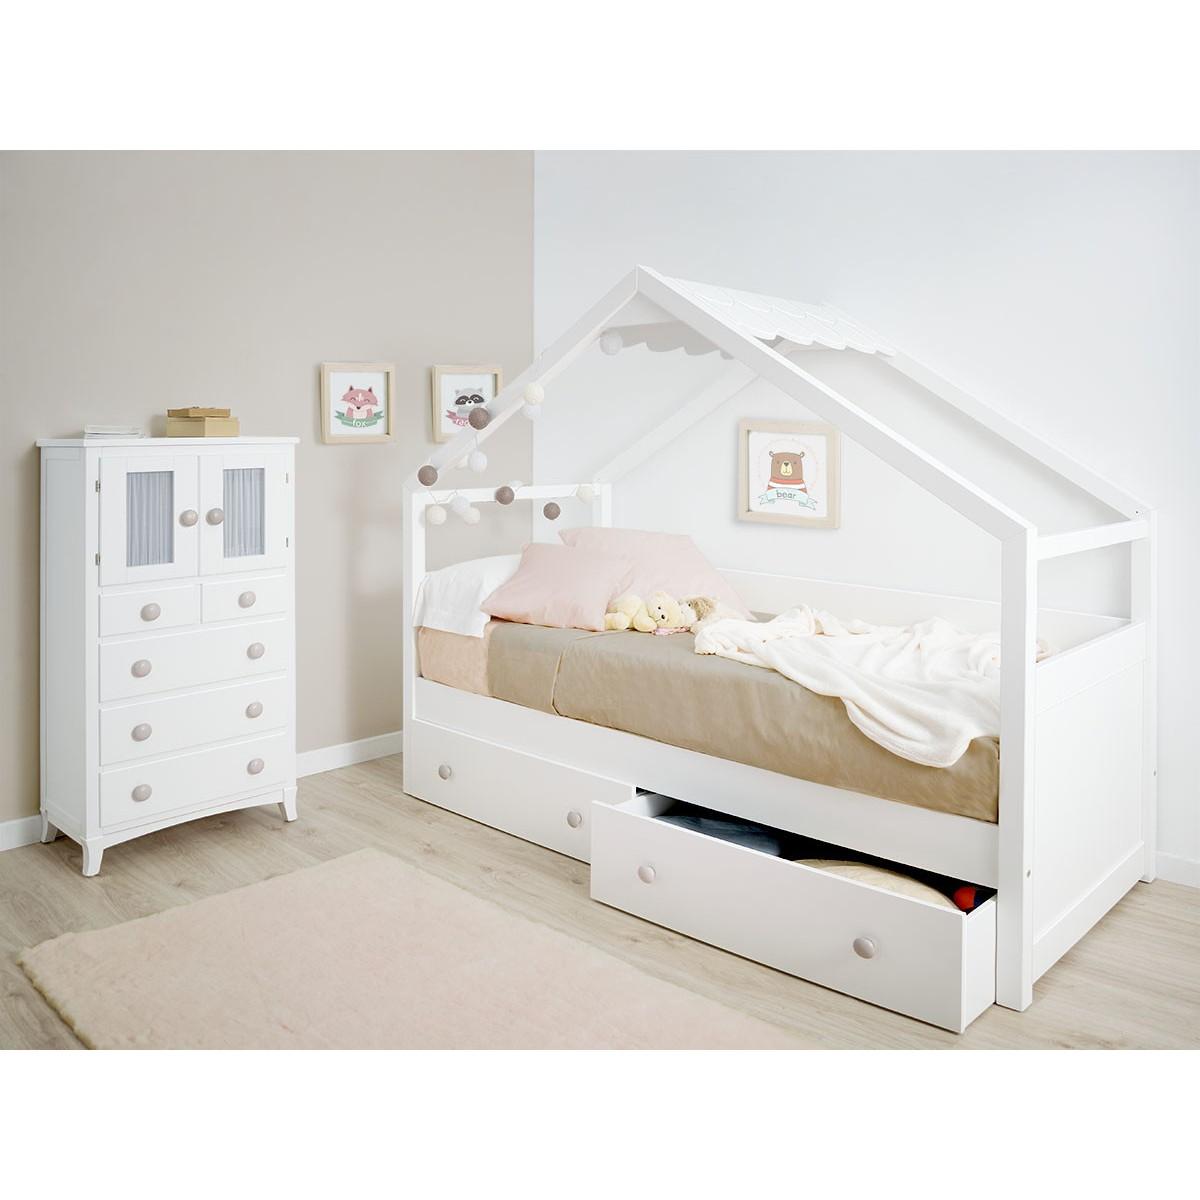 letto a casetta con cassetti bianco tetto